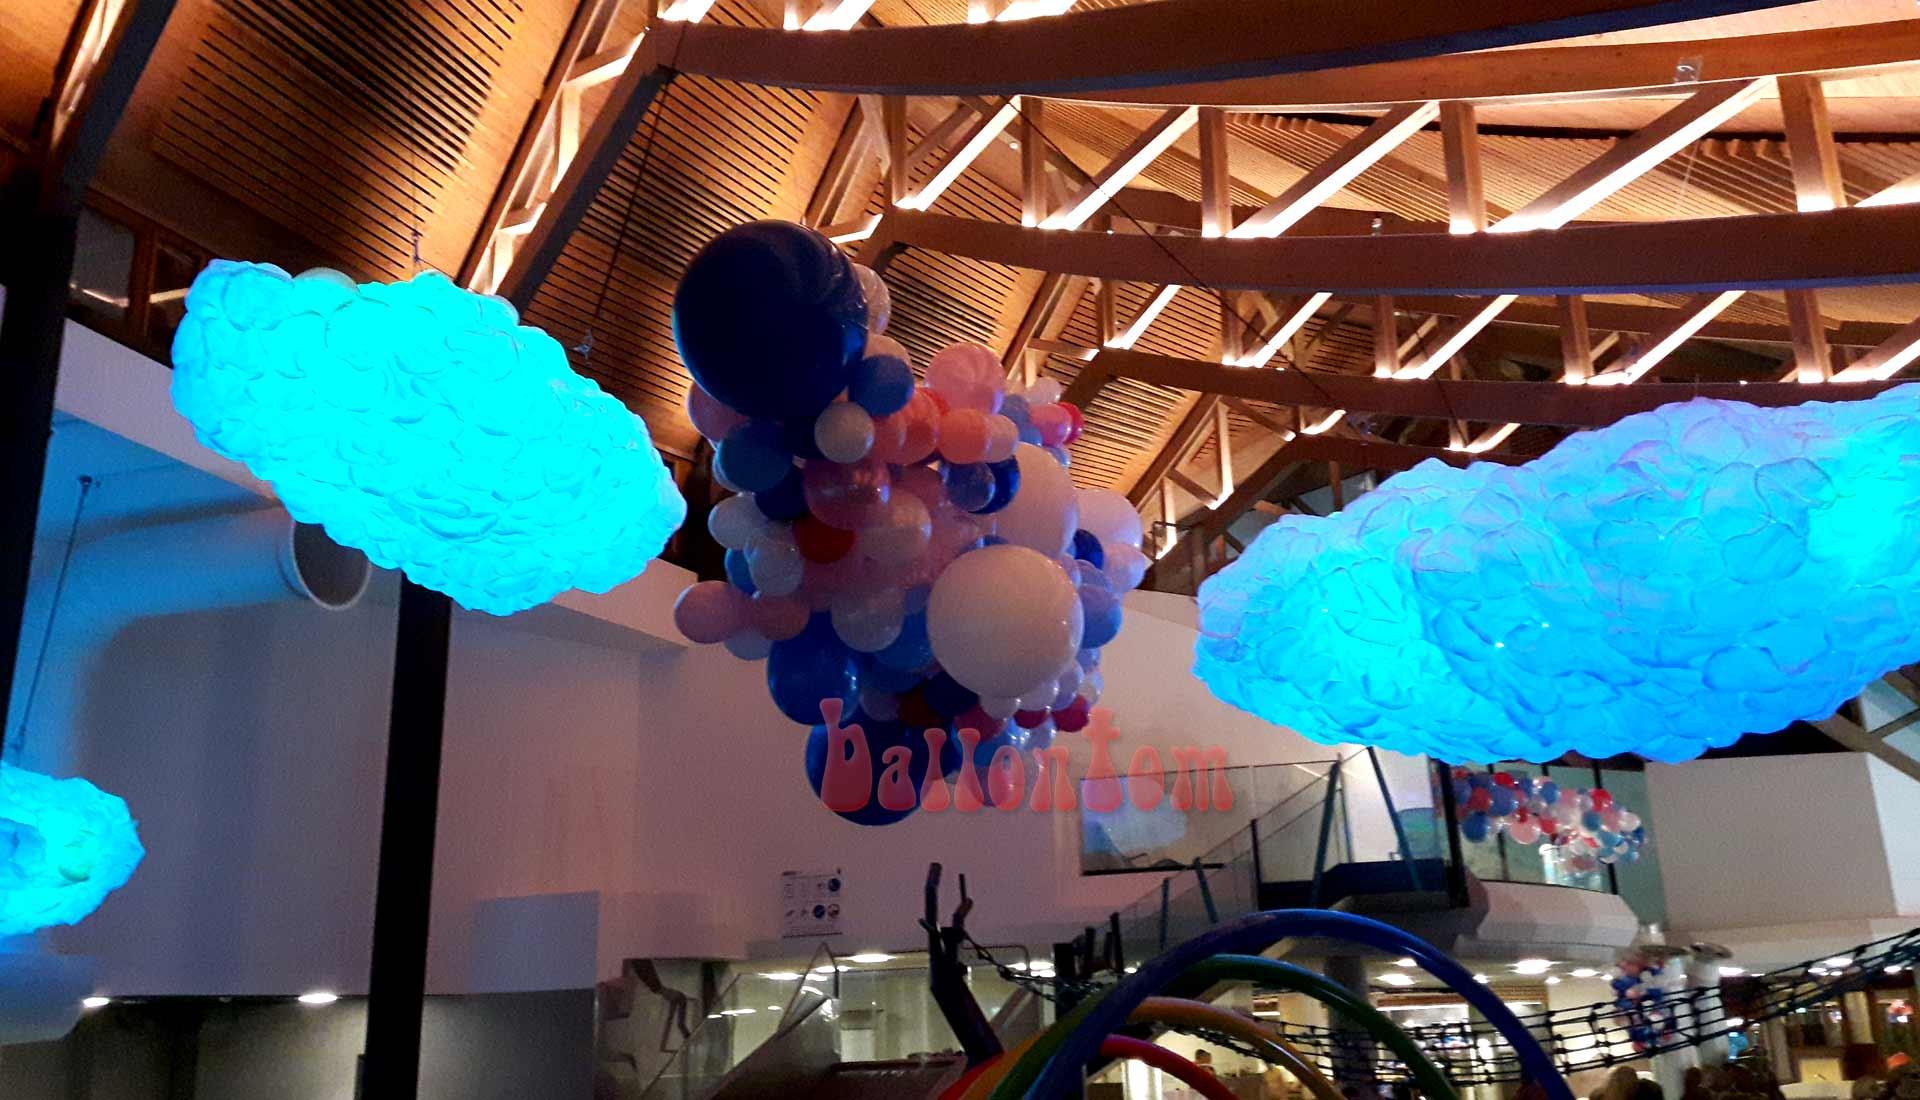 Blaue Organic-Wolken im Säntispark / Schweiz - Projekt: Ballonhaus.ch - Unterstützt durch ballontom